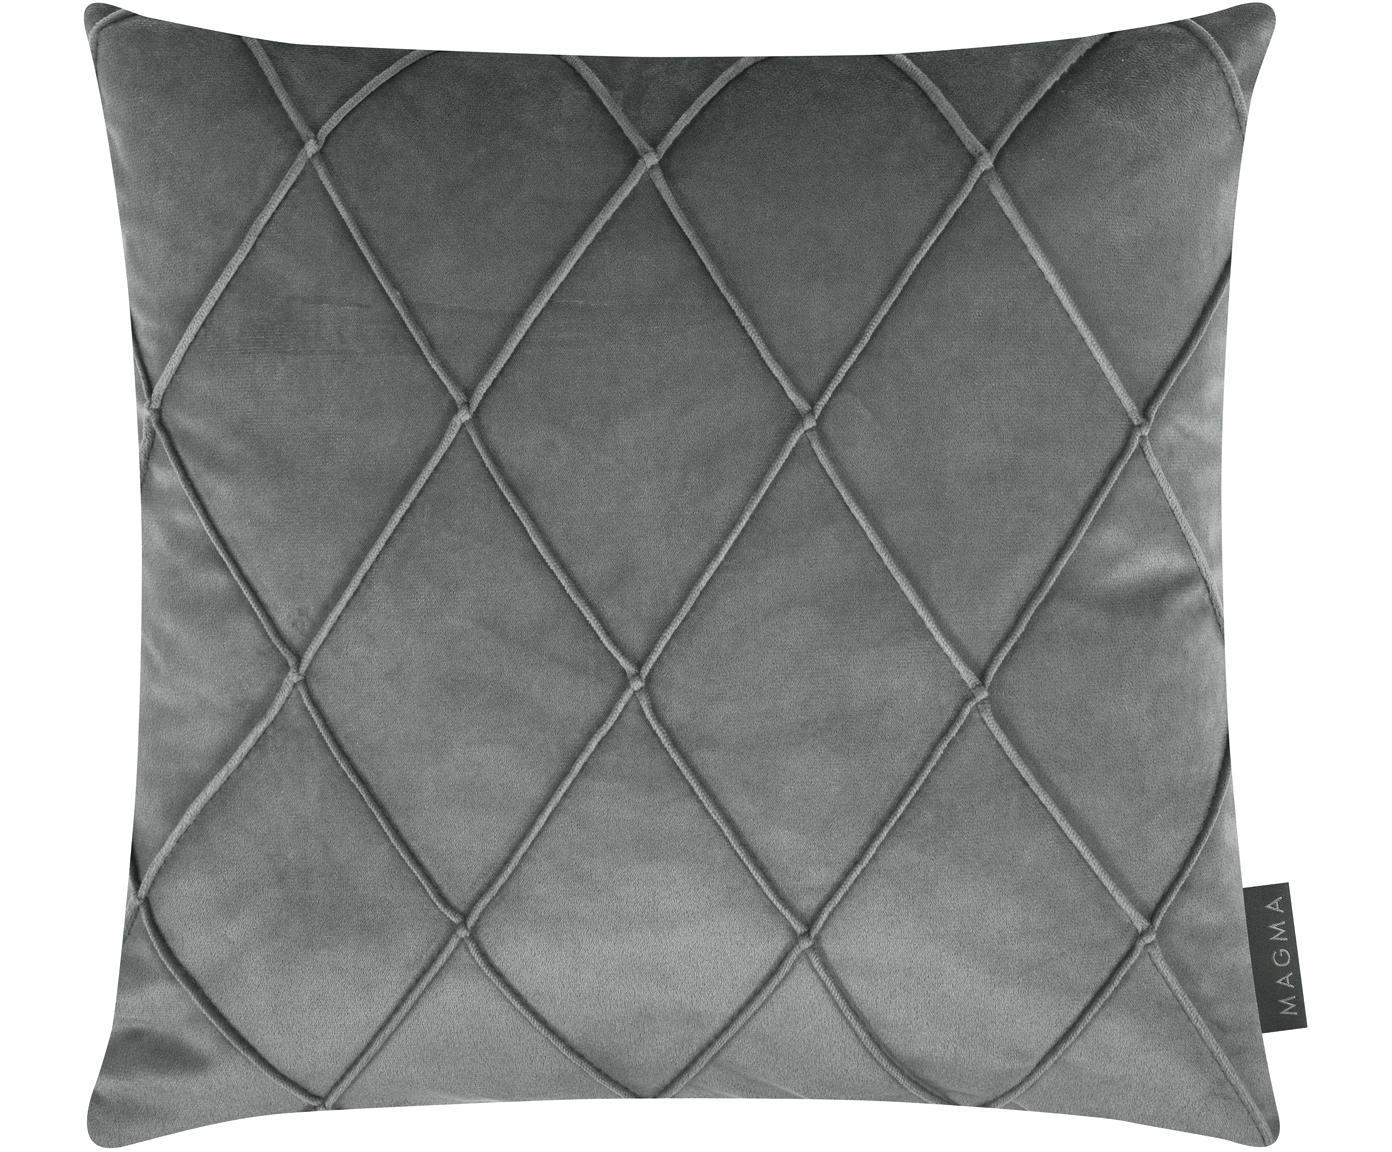 Samt-Kissenhülle Nobless mit erhabenem Rautenmuster, 100% Polyestersamt, Grau, 40 x 40 cm